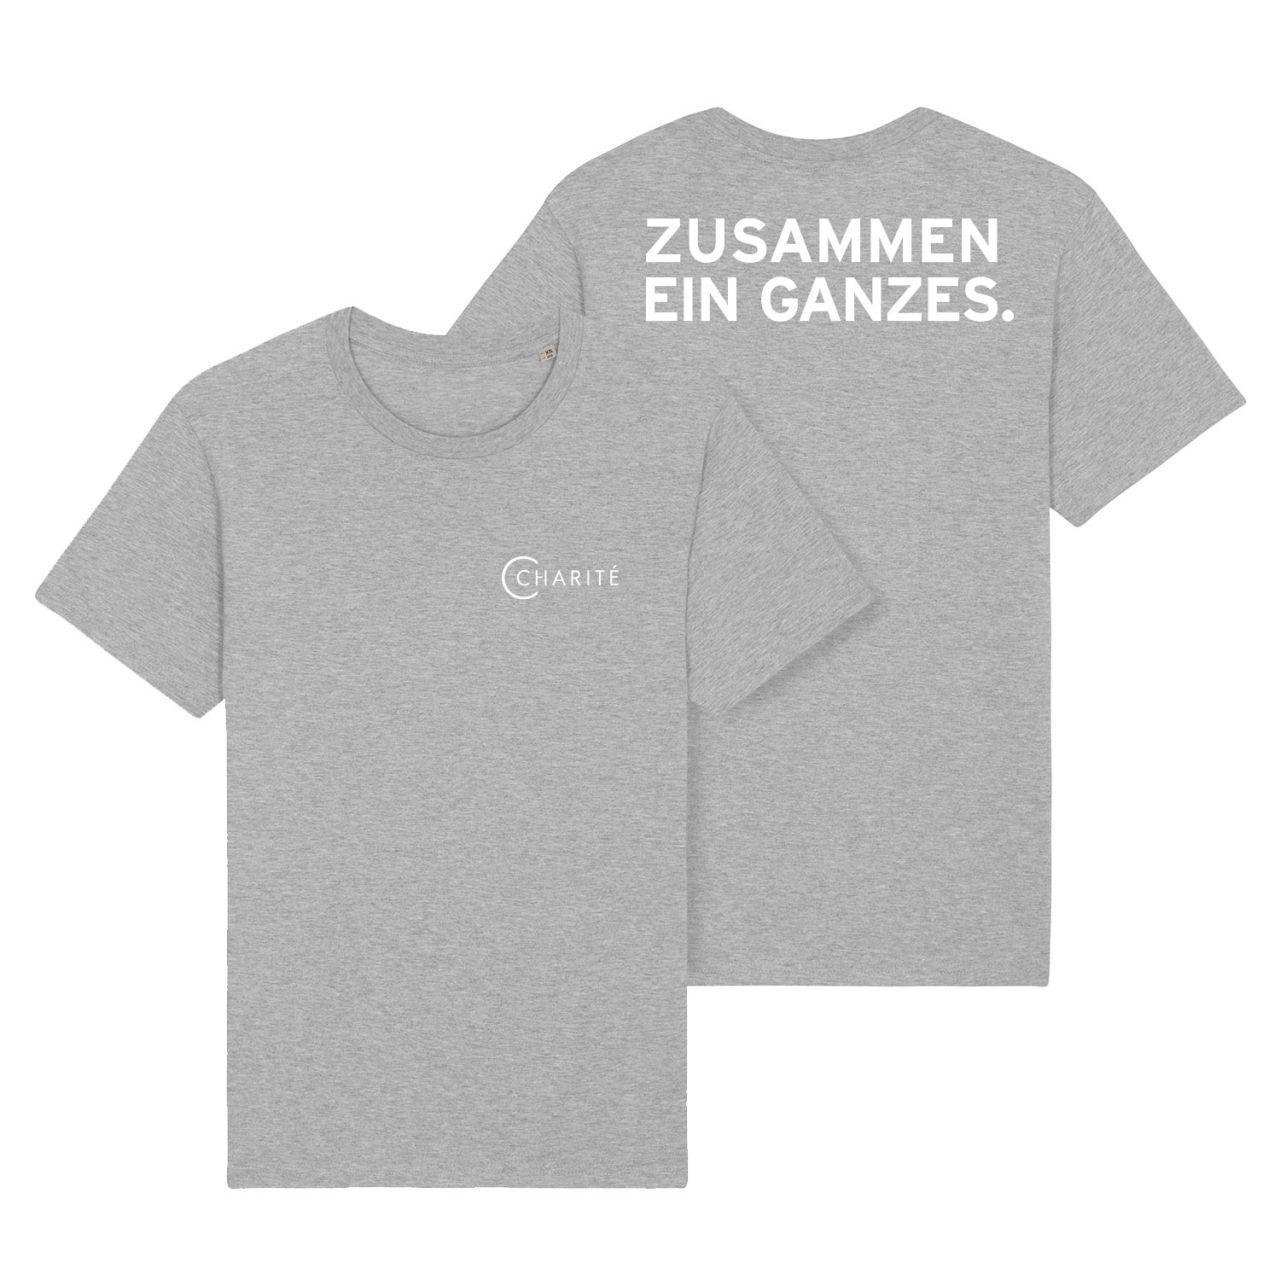 Herren T-Shirt, grau, ZEG